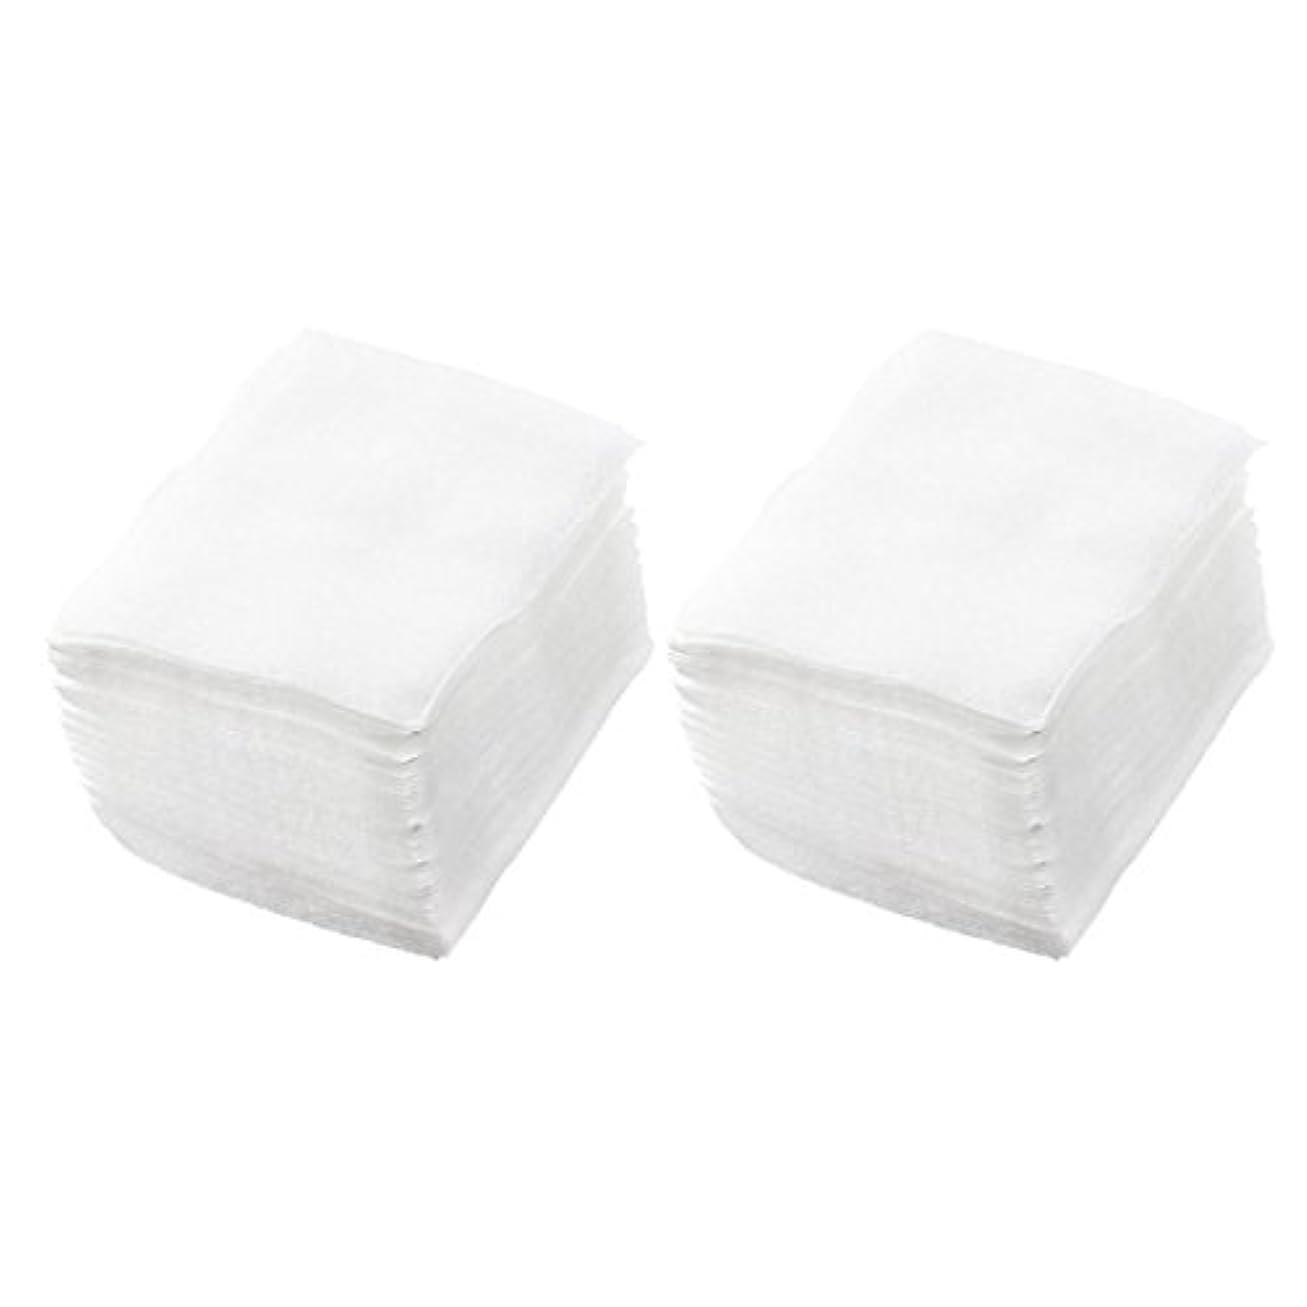 おしゃれな詳細なオッズSODIAL(R) 320個 レディ ホワイト ネイルポリッシュリムーバ 長方形フェイスクリーニング コットンパッド